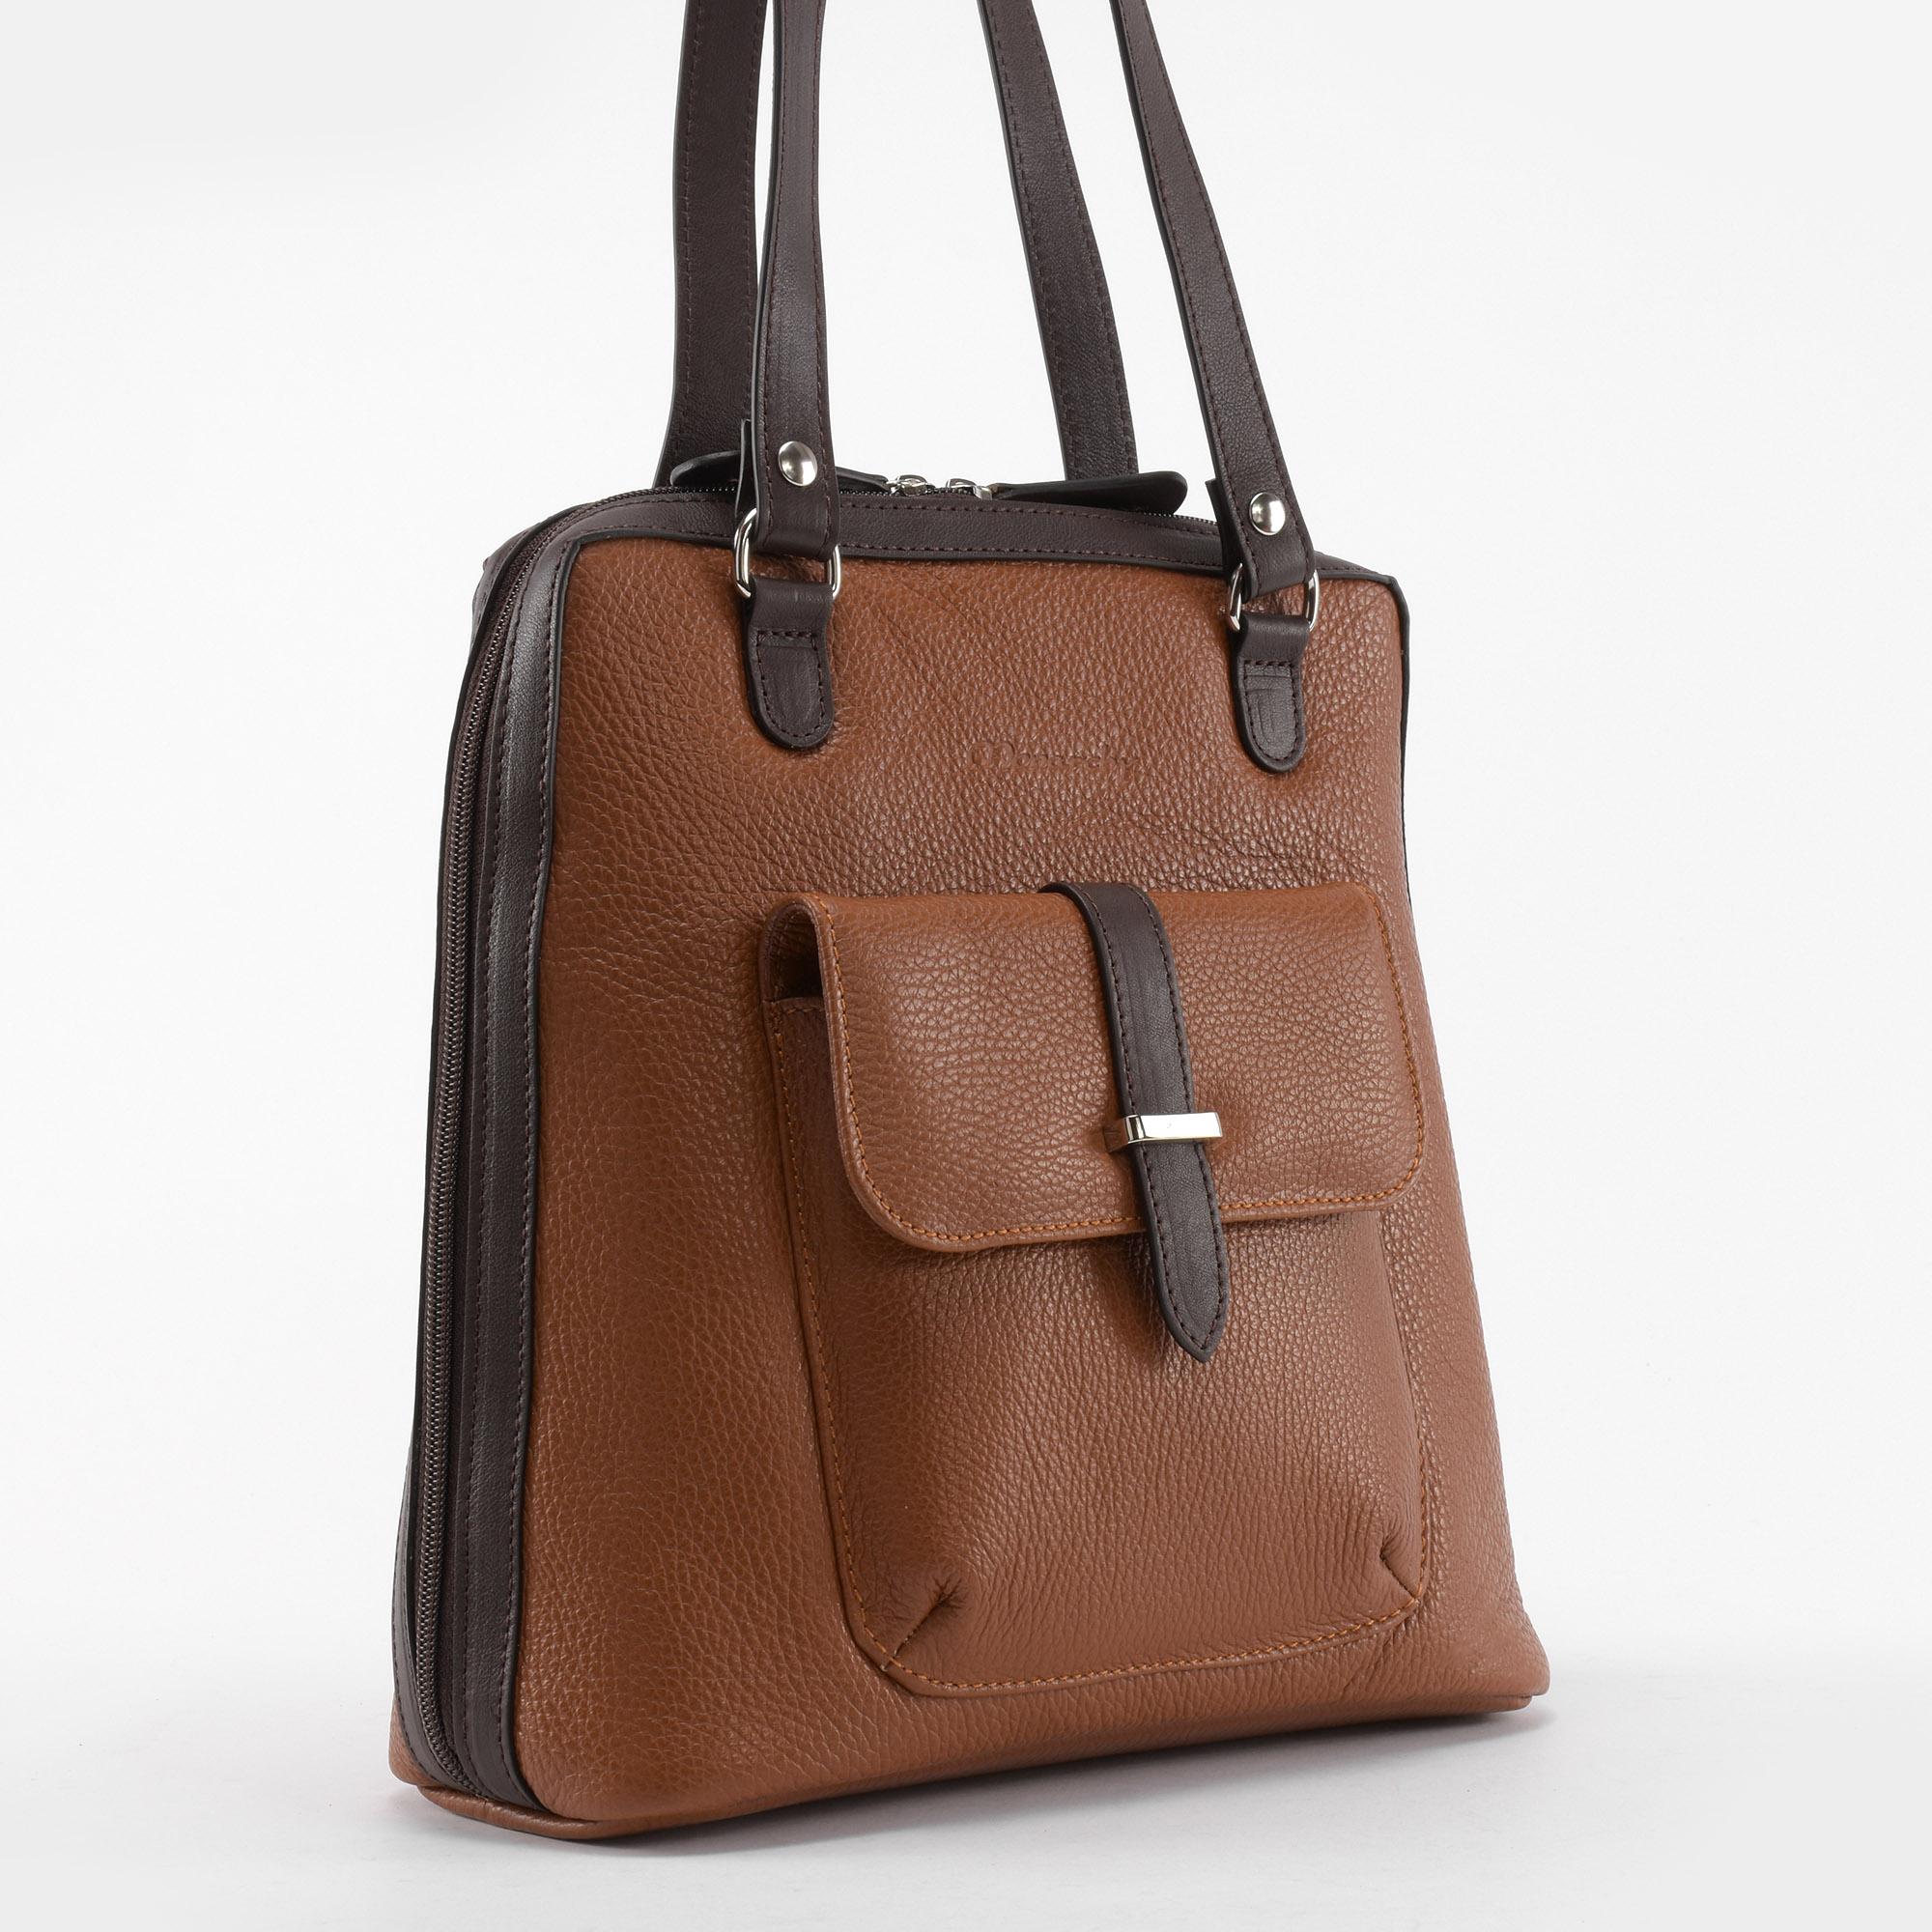 Monarchy Moto Barna Női Valódi Bőr Válltáska   Hátizsák - Válltáskák - Táska  webáruház - Minőségi táskák mindenkinek 268aef8e5b